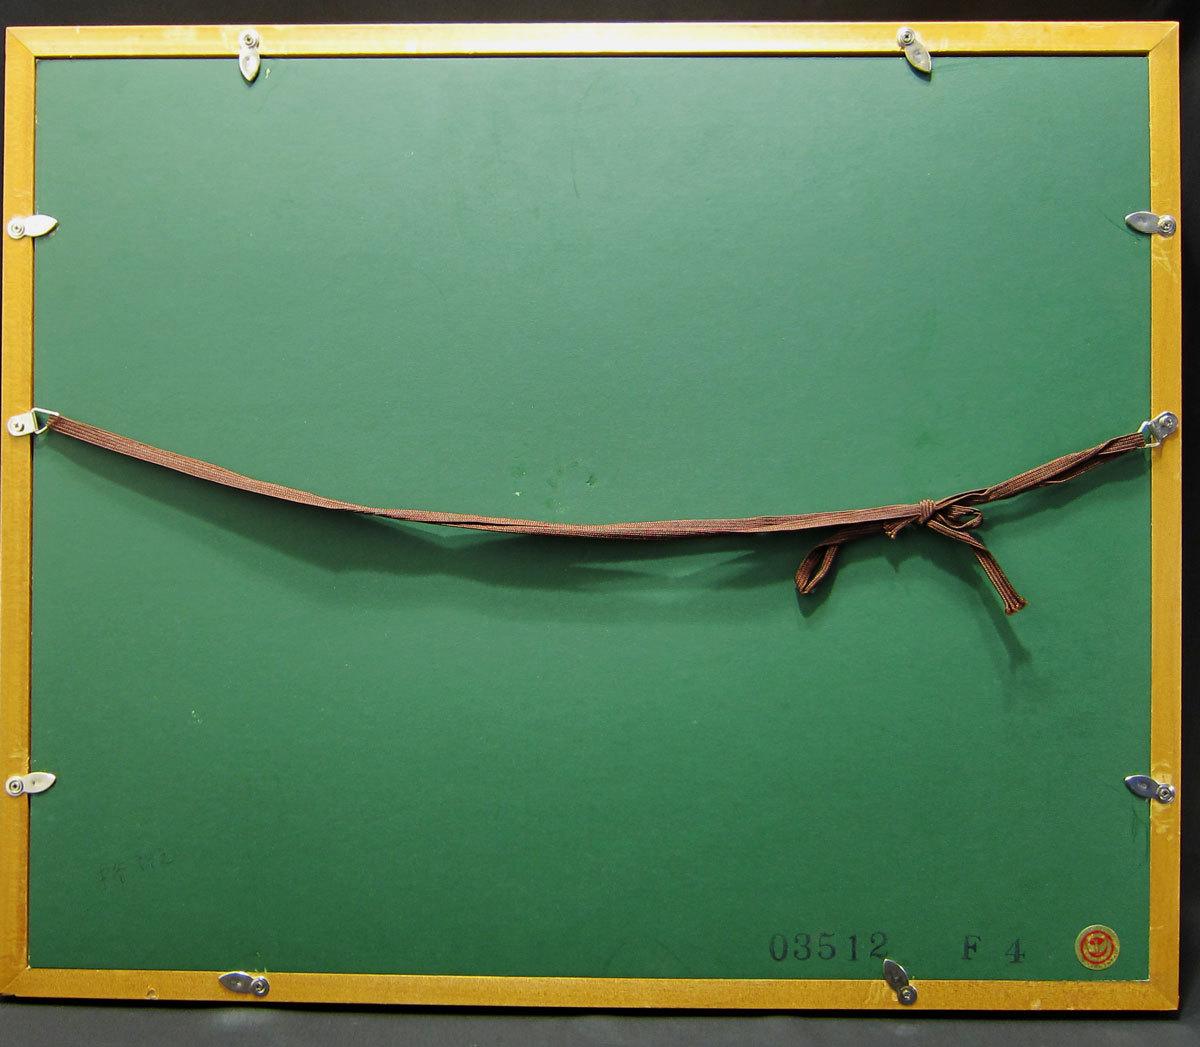 中谷 忠弘 「船のある風景」 油彩 真作保証 F4号_画像4